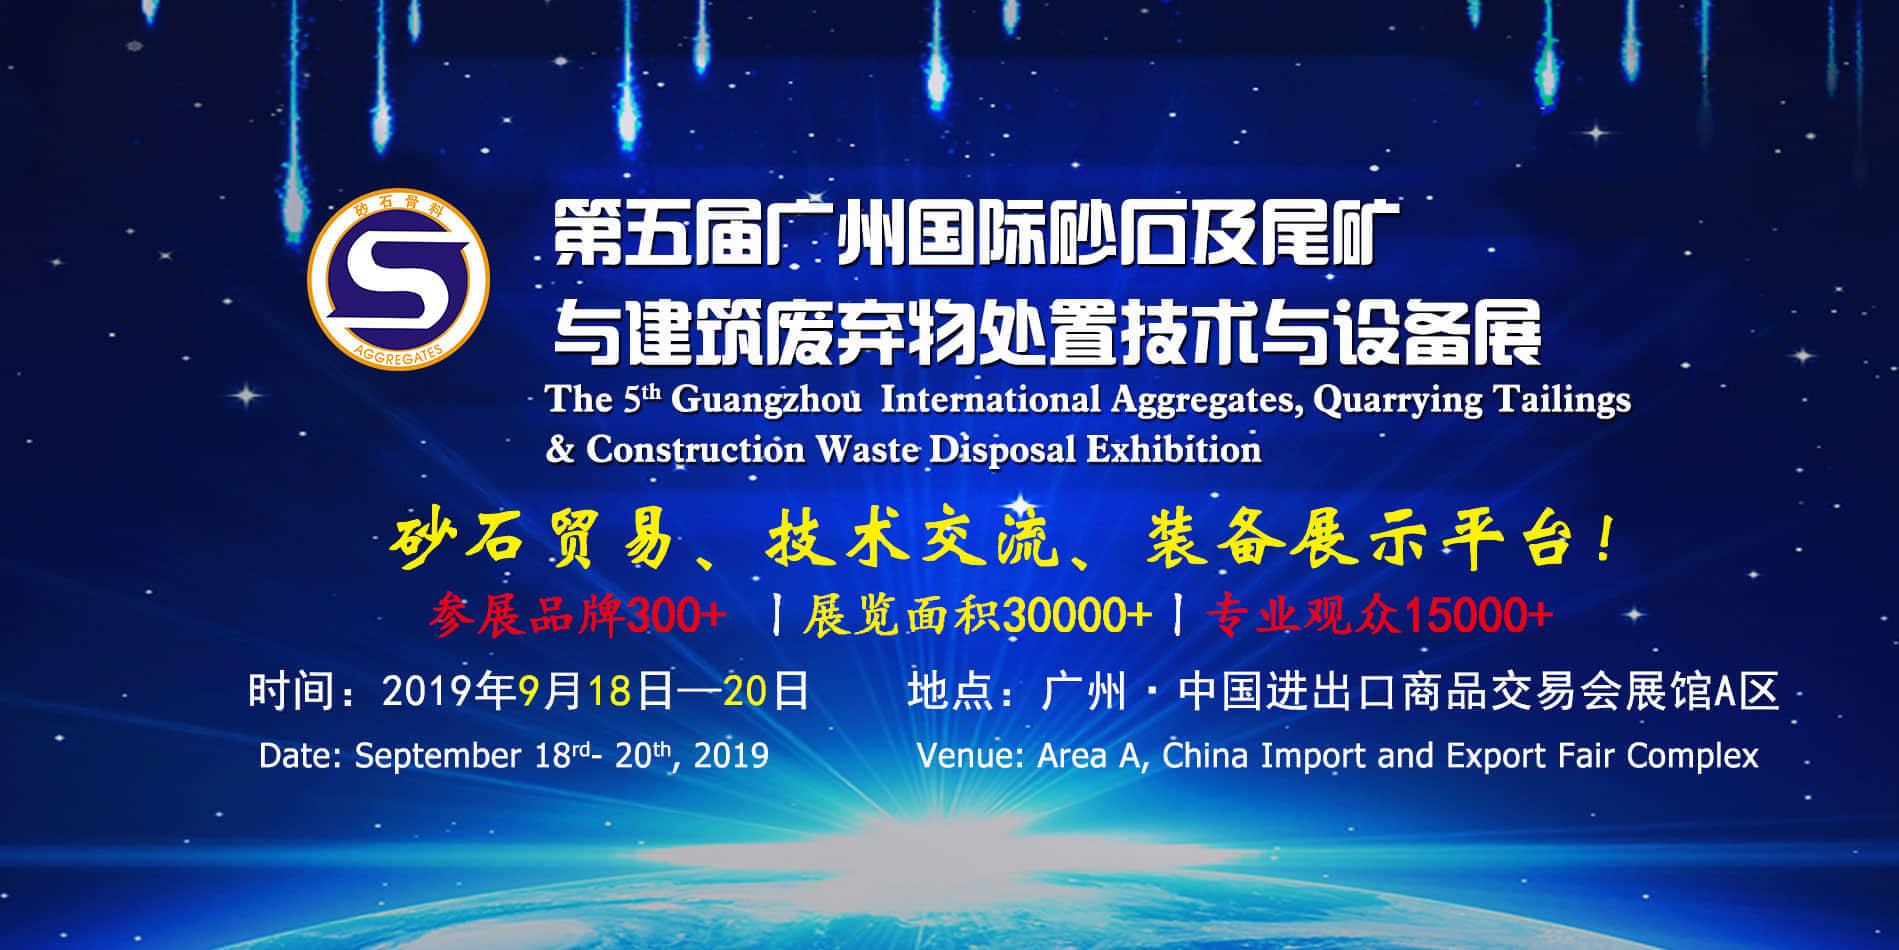 2019广州国际砂石及尾矿与建筑废弃物处置技术与设备展